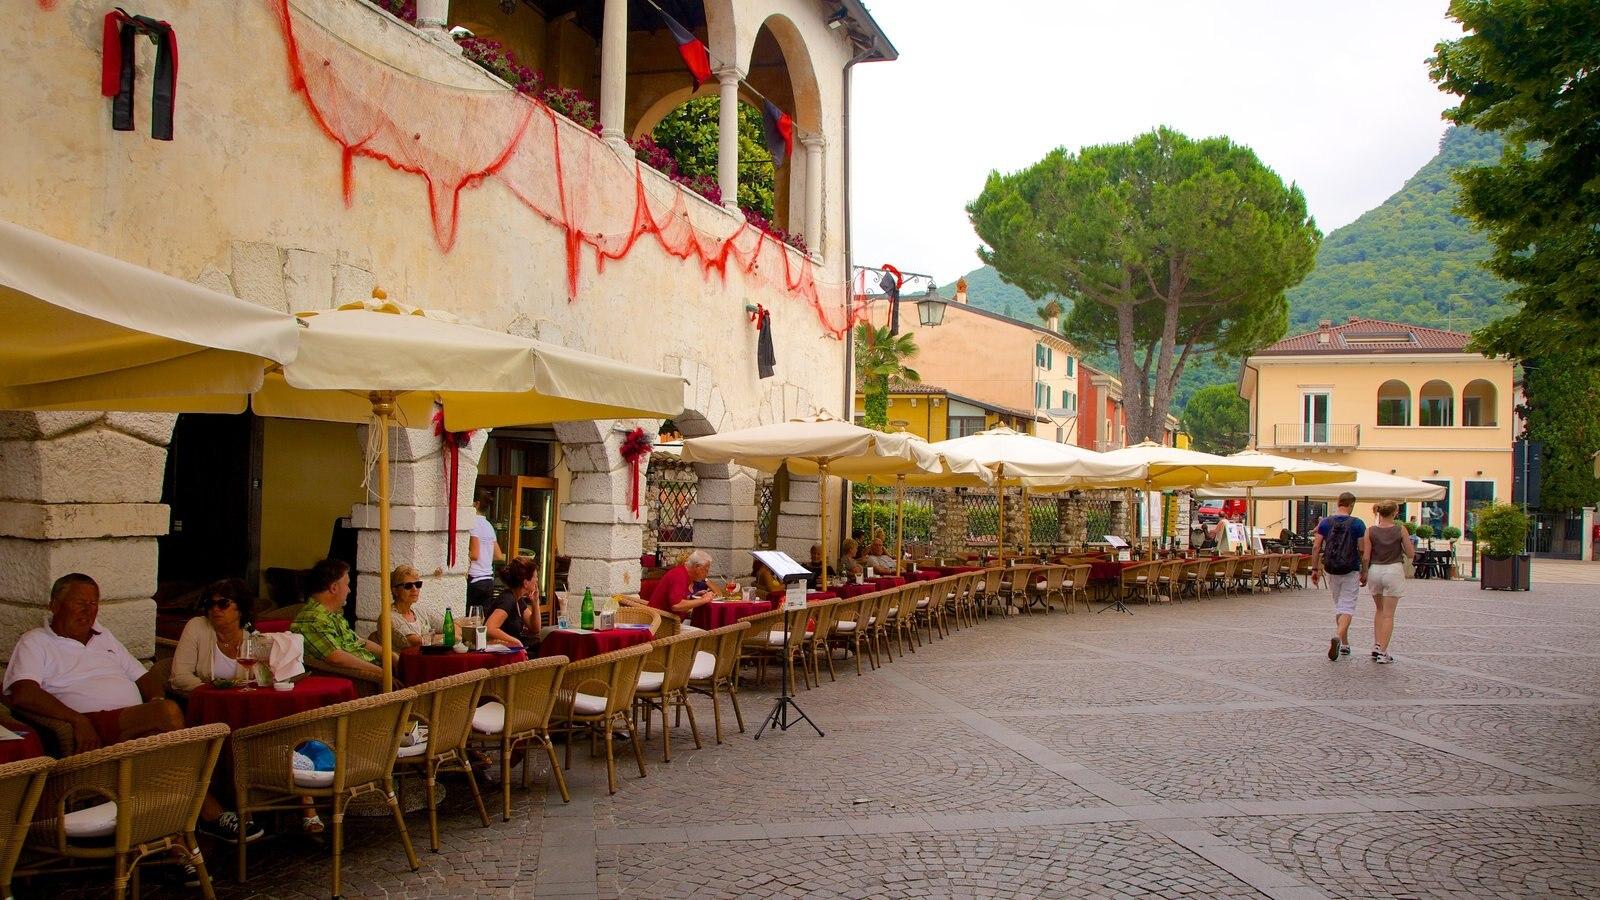 Garda showing outdoor eating